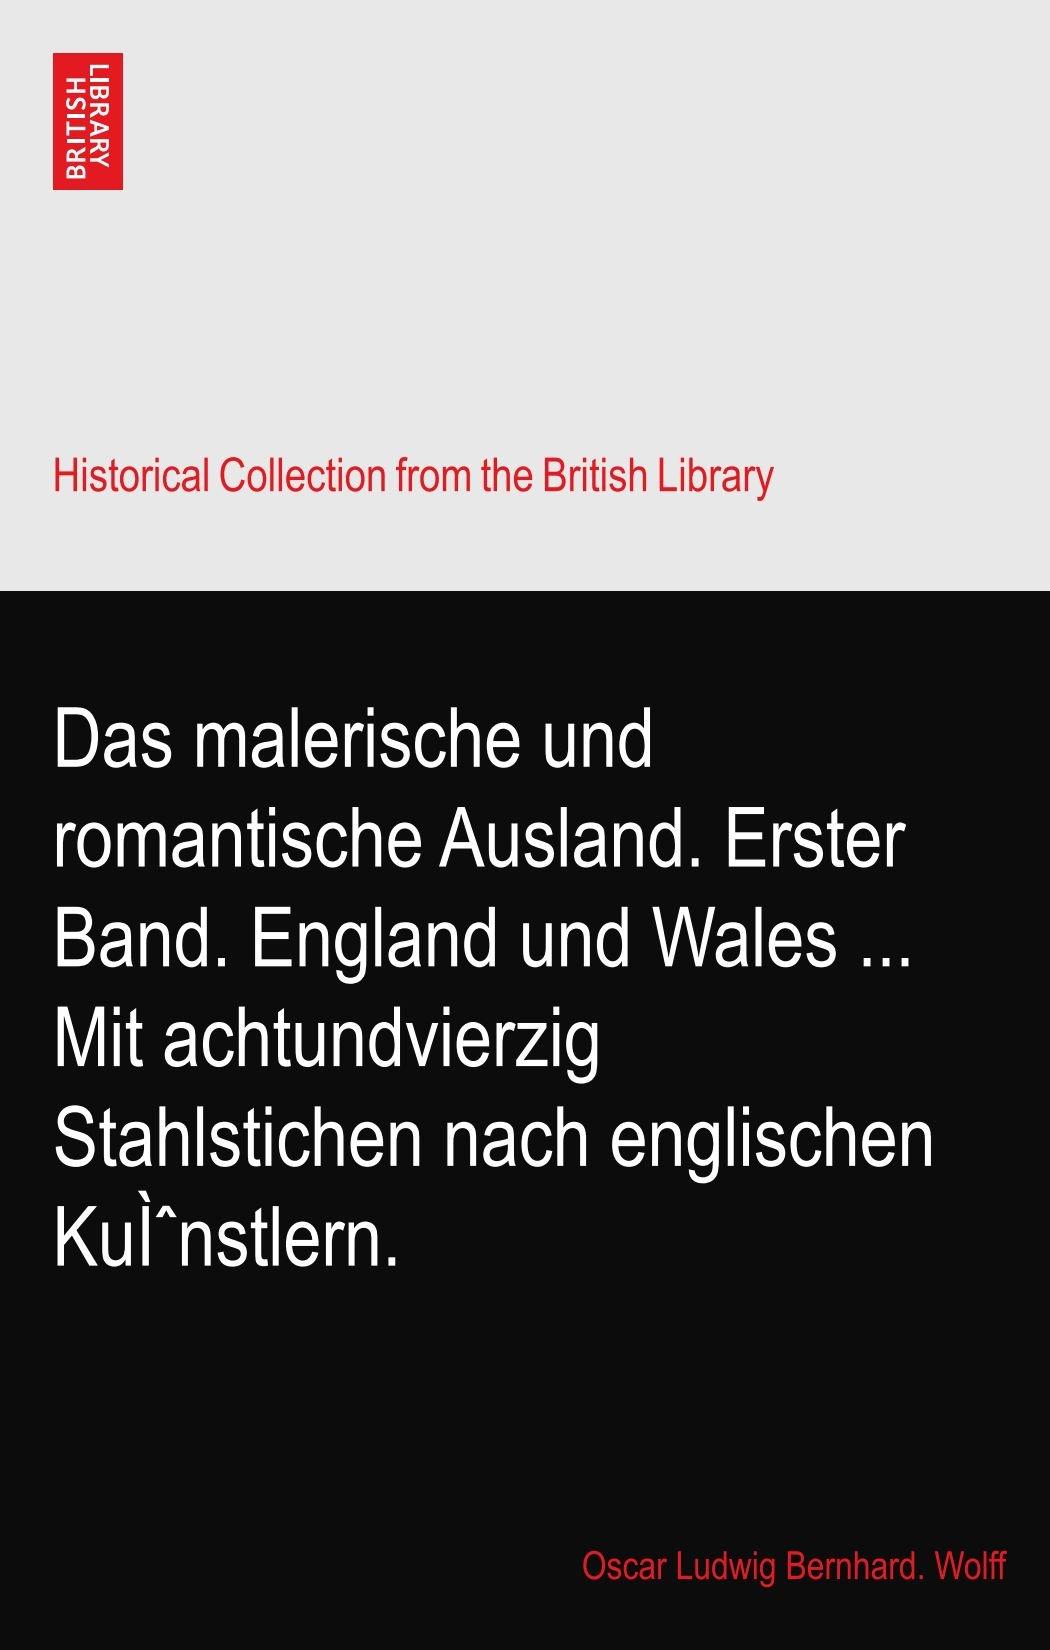 Das malerische und romantische Ausland. Erster Band. England und Wales ... Mit achtundvierzig Stahlstichen nach englischen Künstlern. pdf